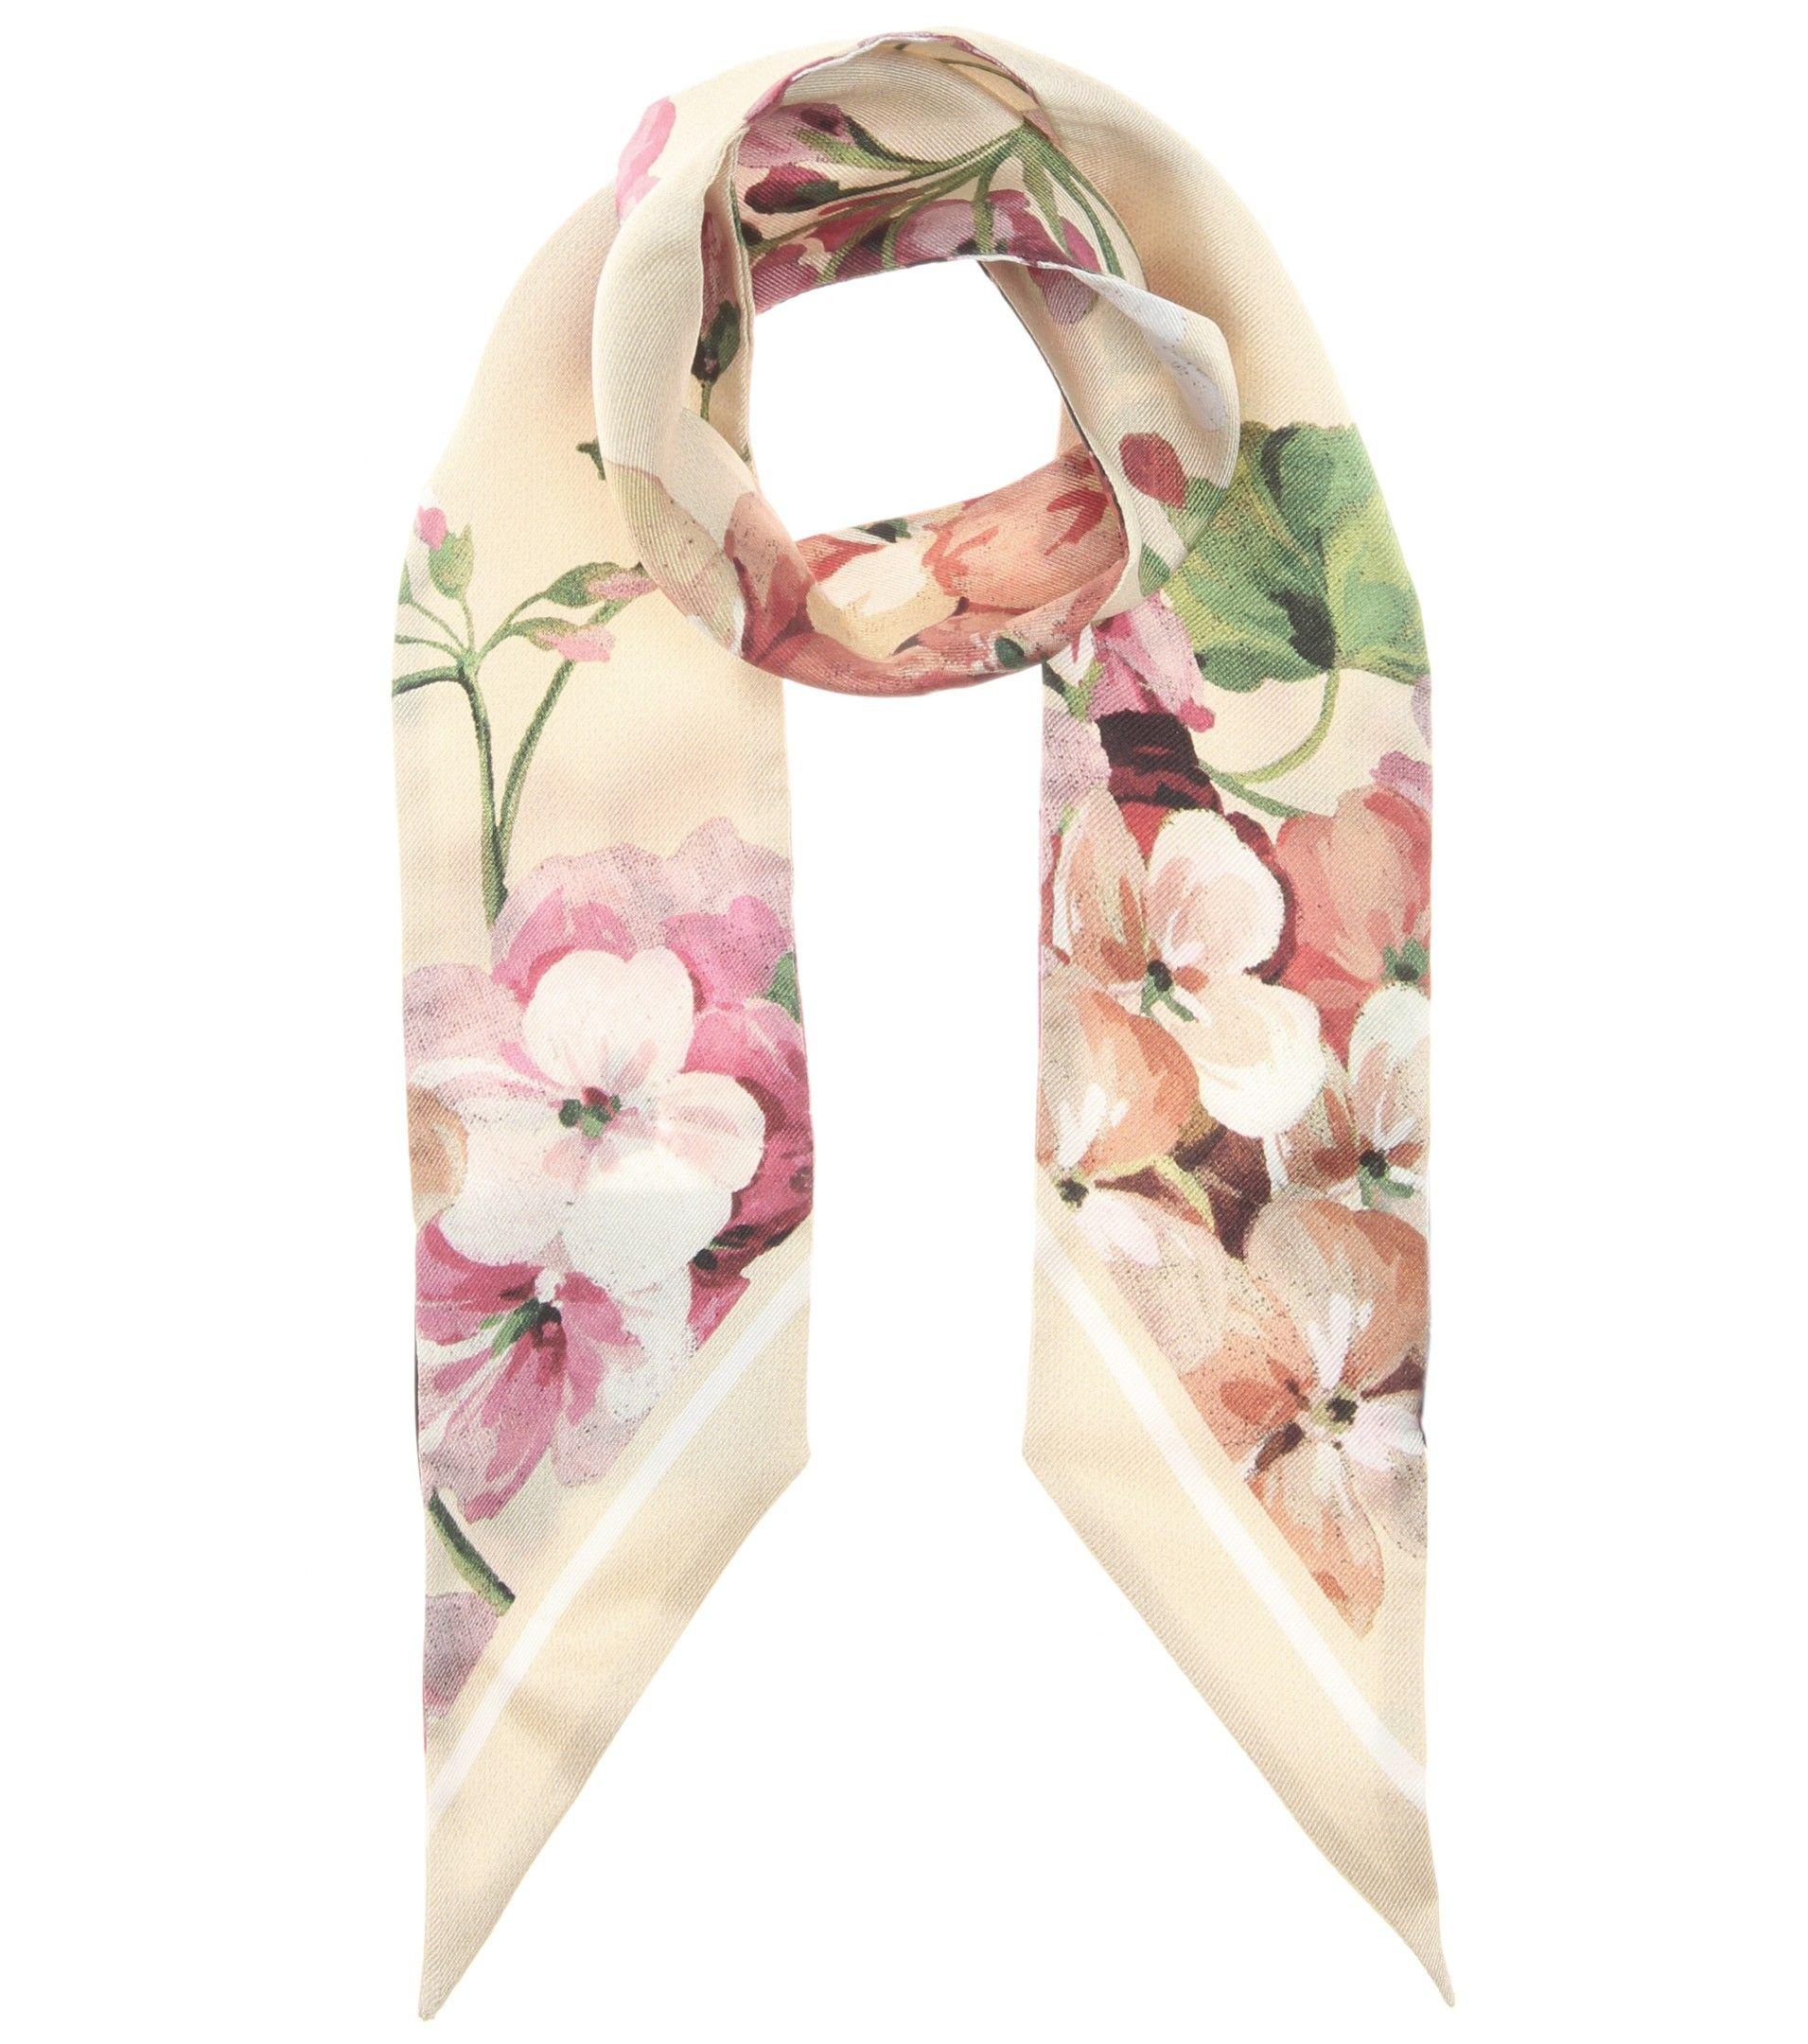 mytheresa.com - Foulard à imprimé floral en soie - Luxe et Mode pour femme - Vêtements, chaussures et sacs de créateurs internationaux